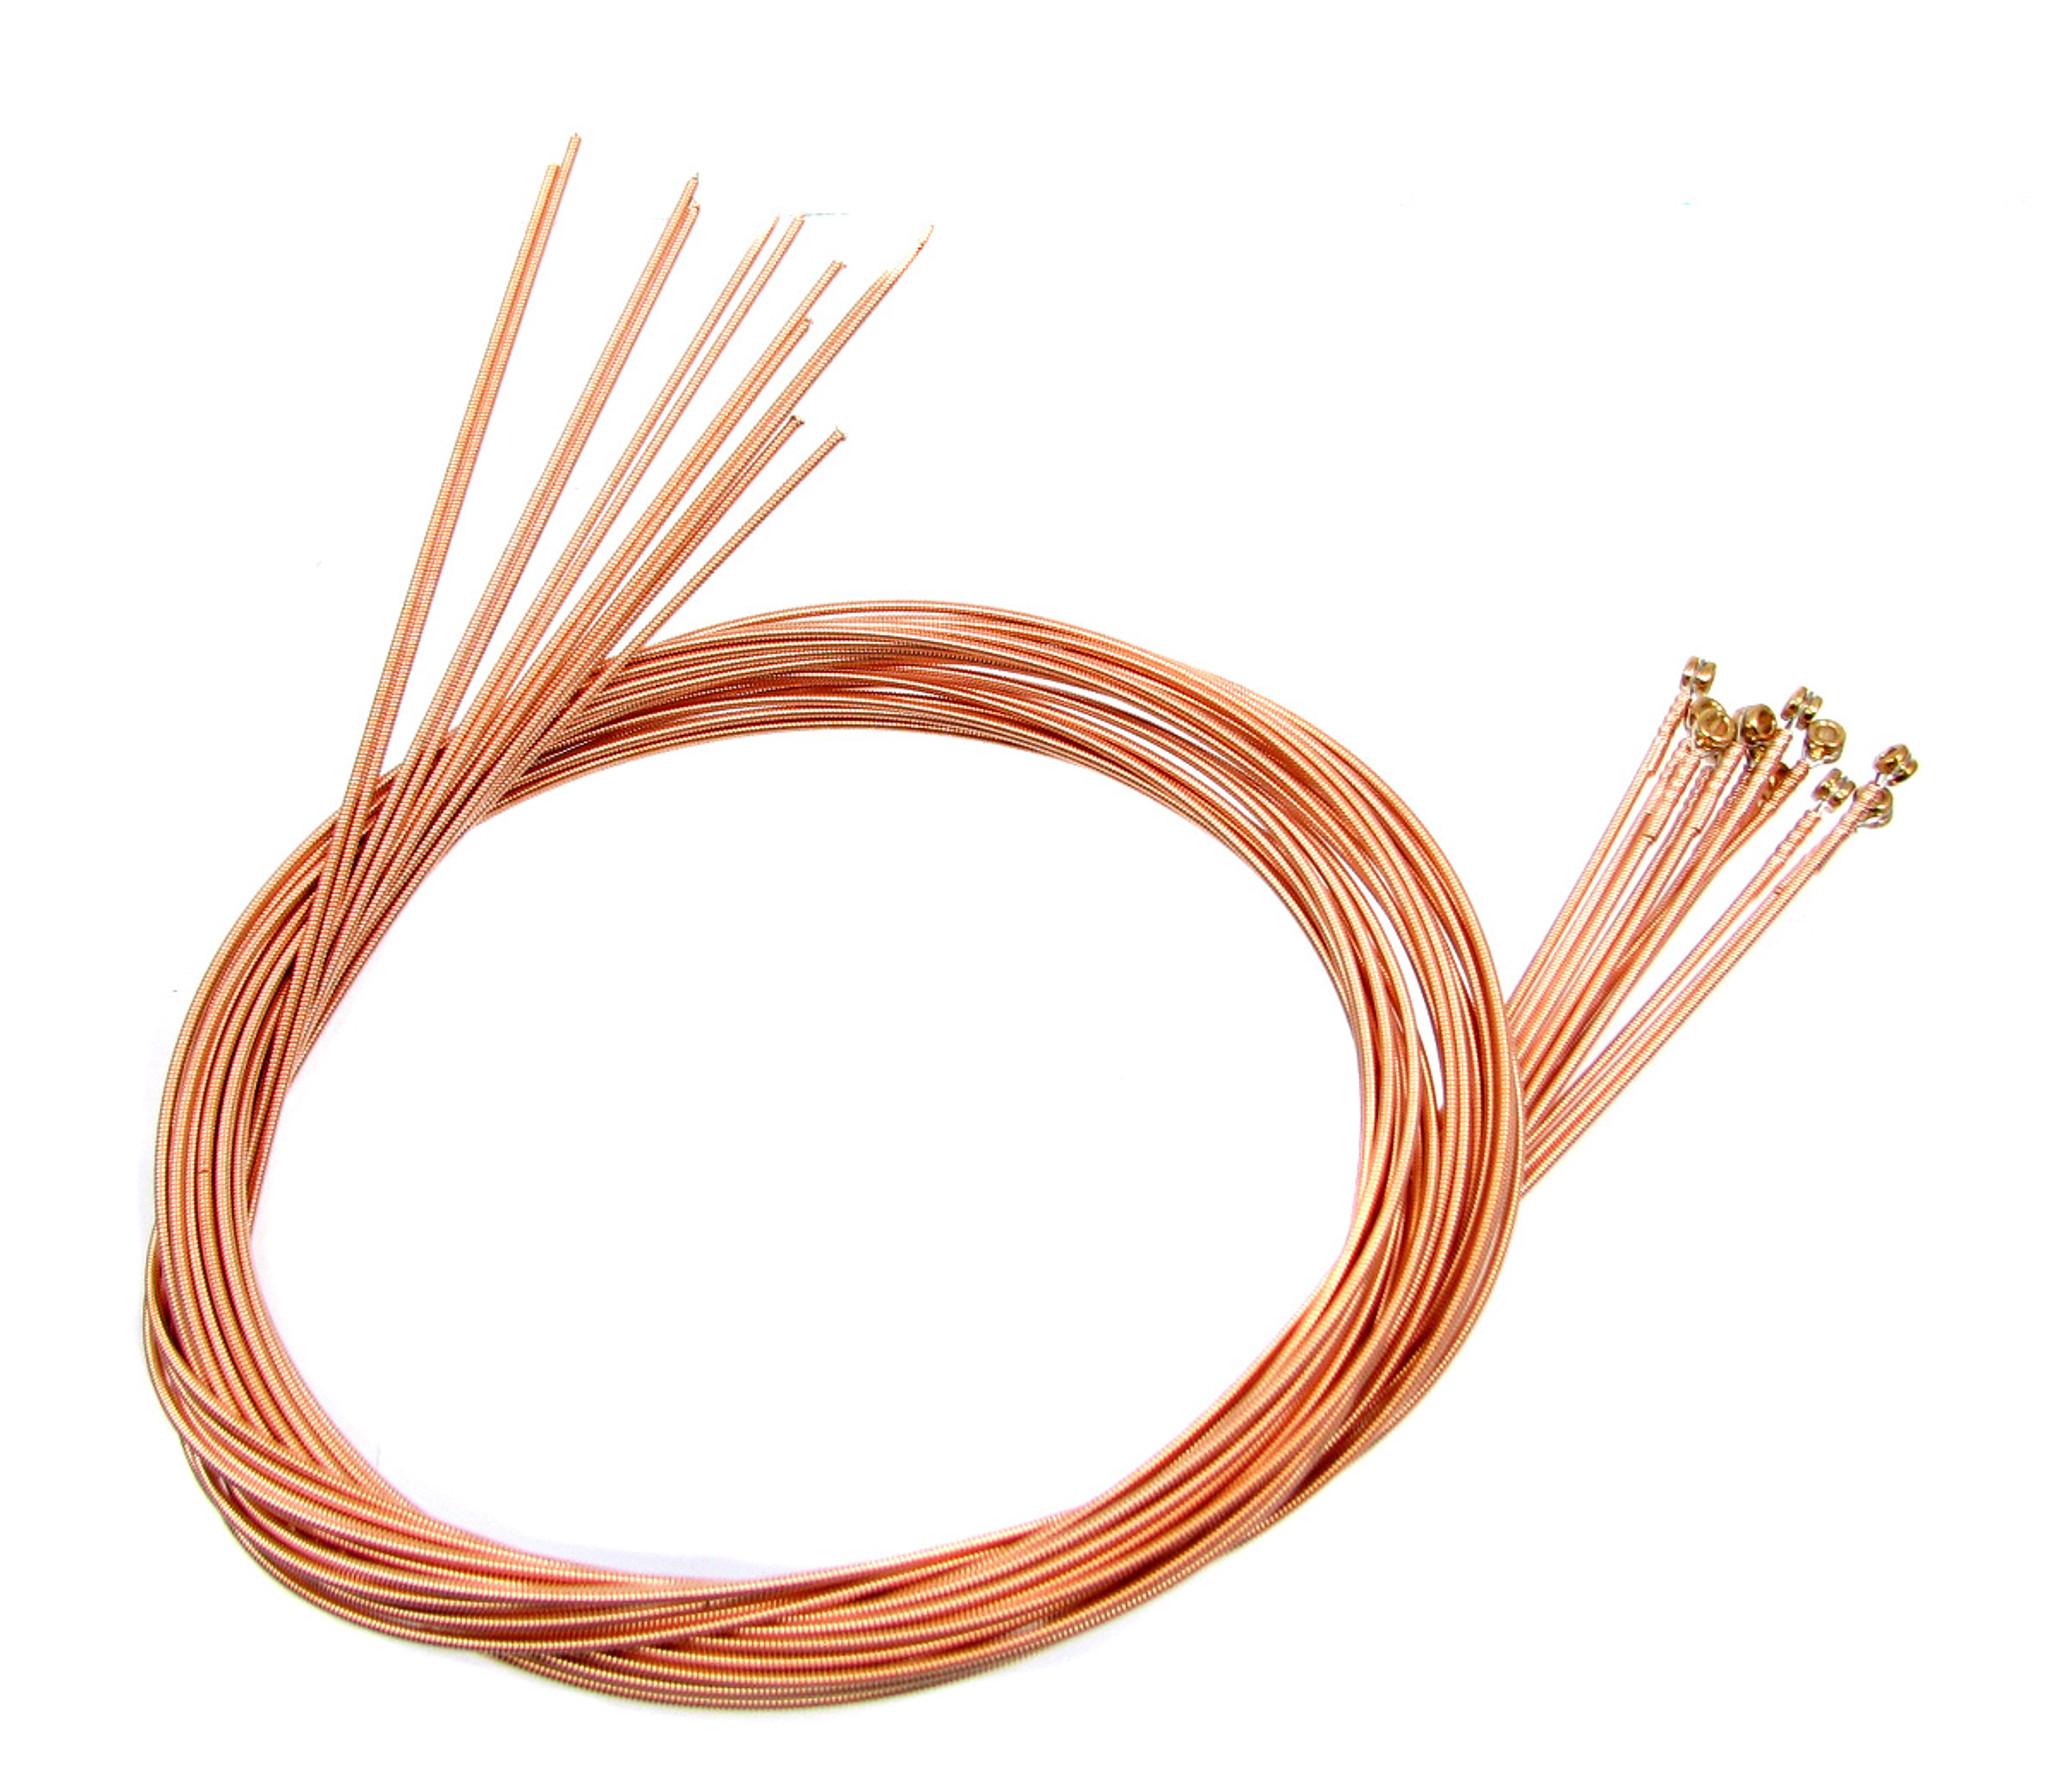 46 gauge 046 phosphor bronze wound guitar strings 12 pack c b gitty crafter supply. Black Bedroom Furniture Sets. Home Design Ideas